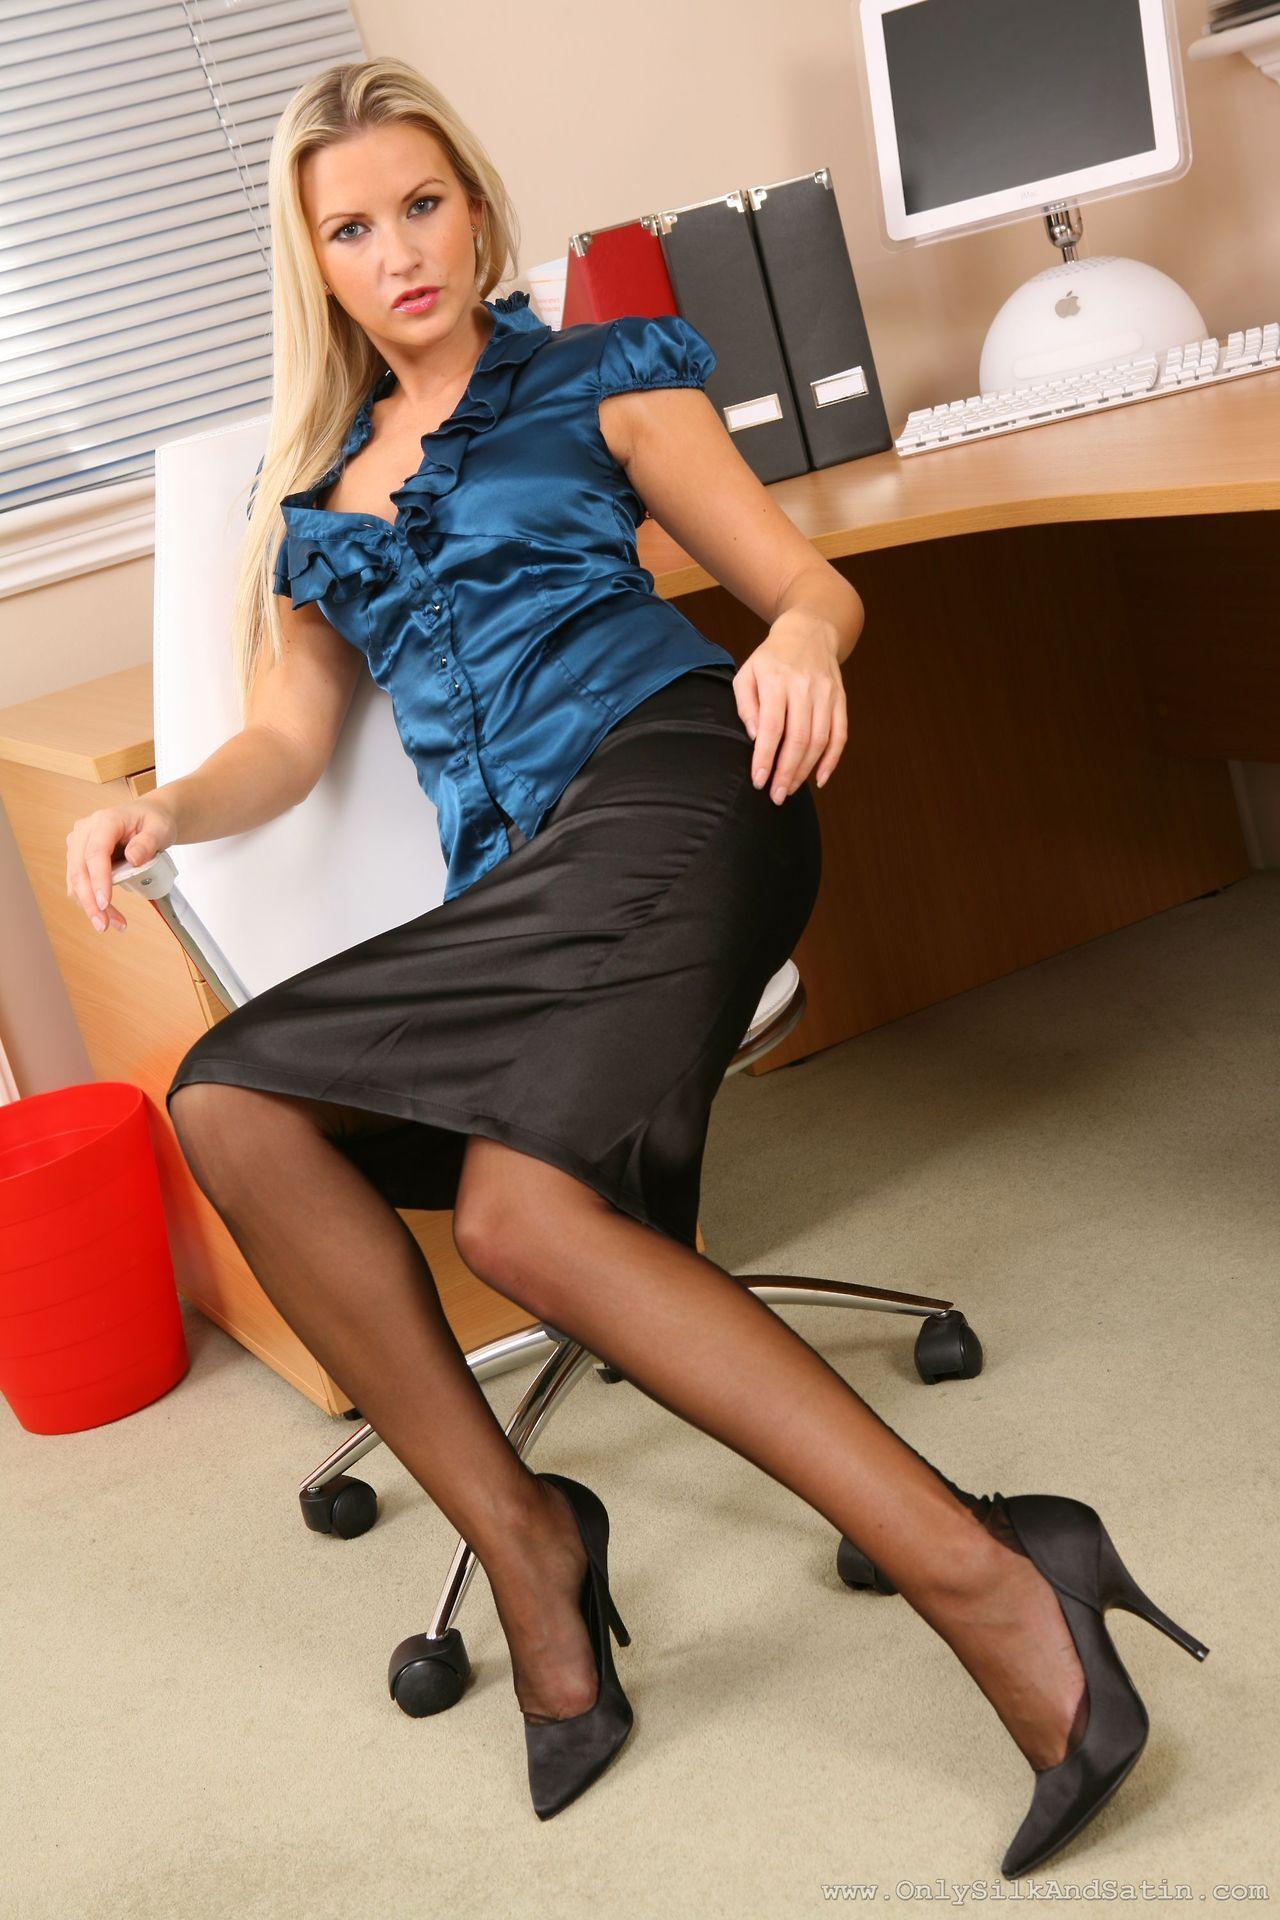 Sekretärin sex video